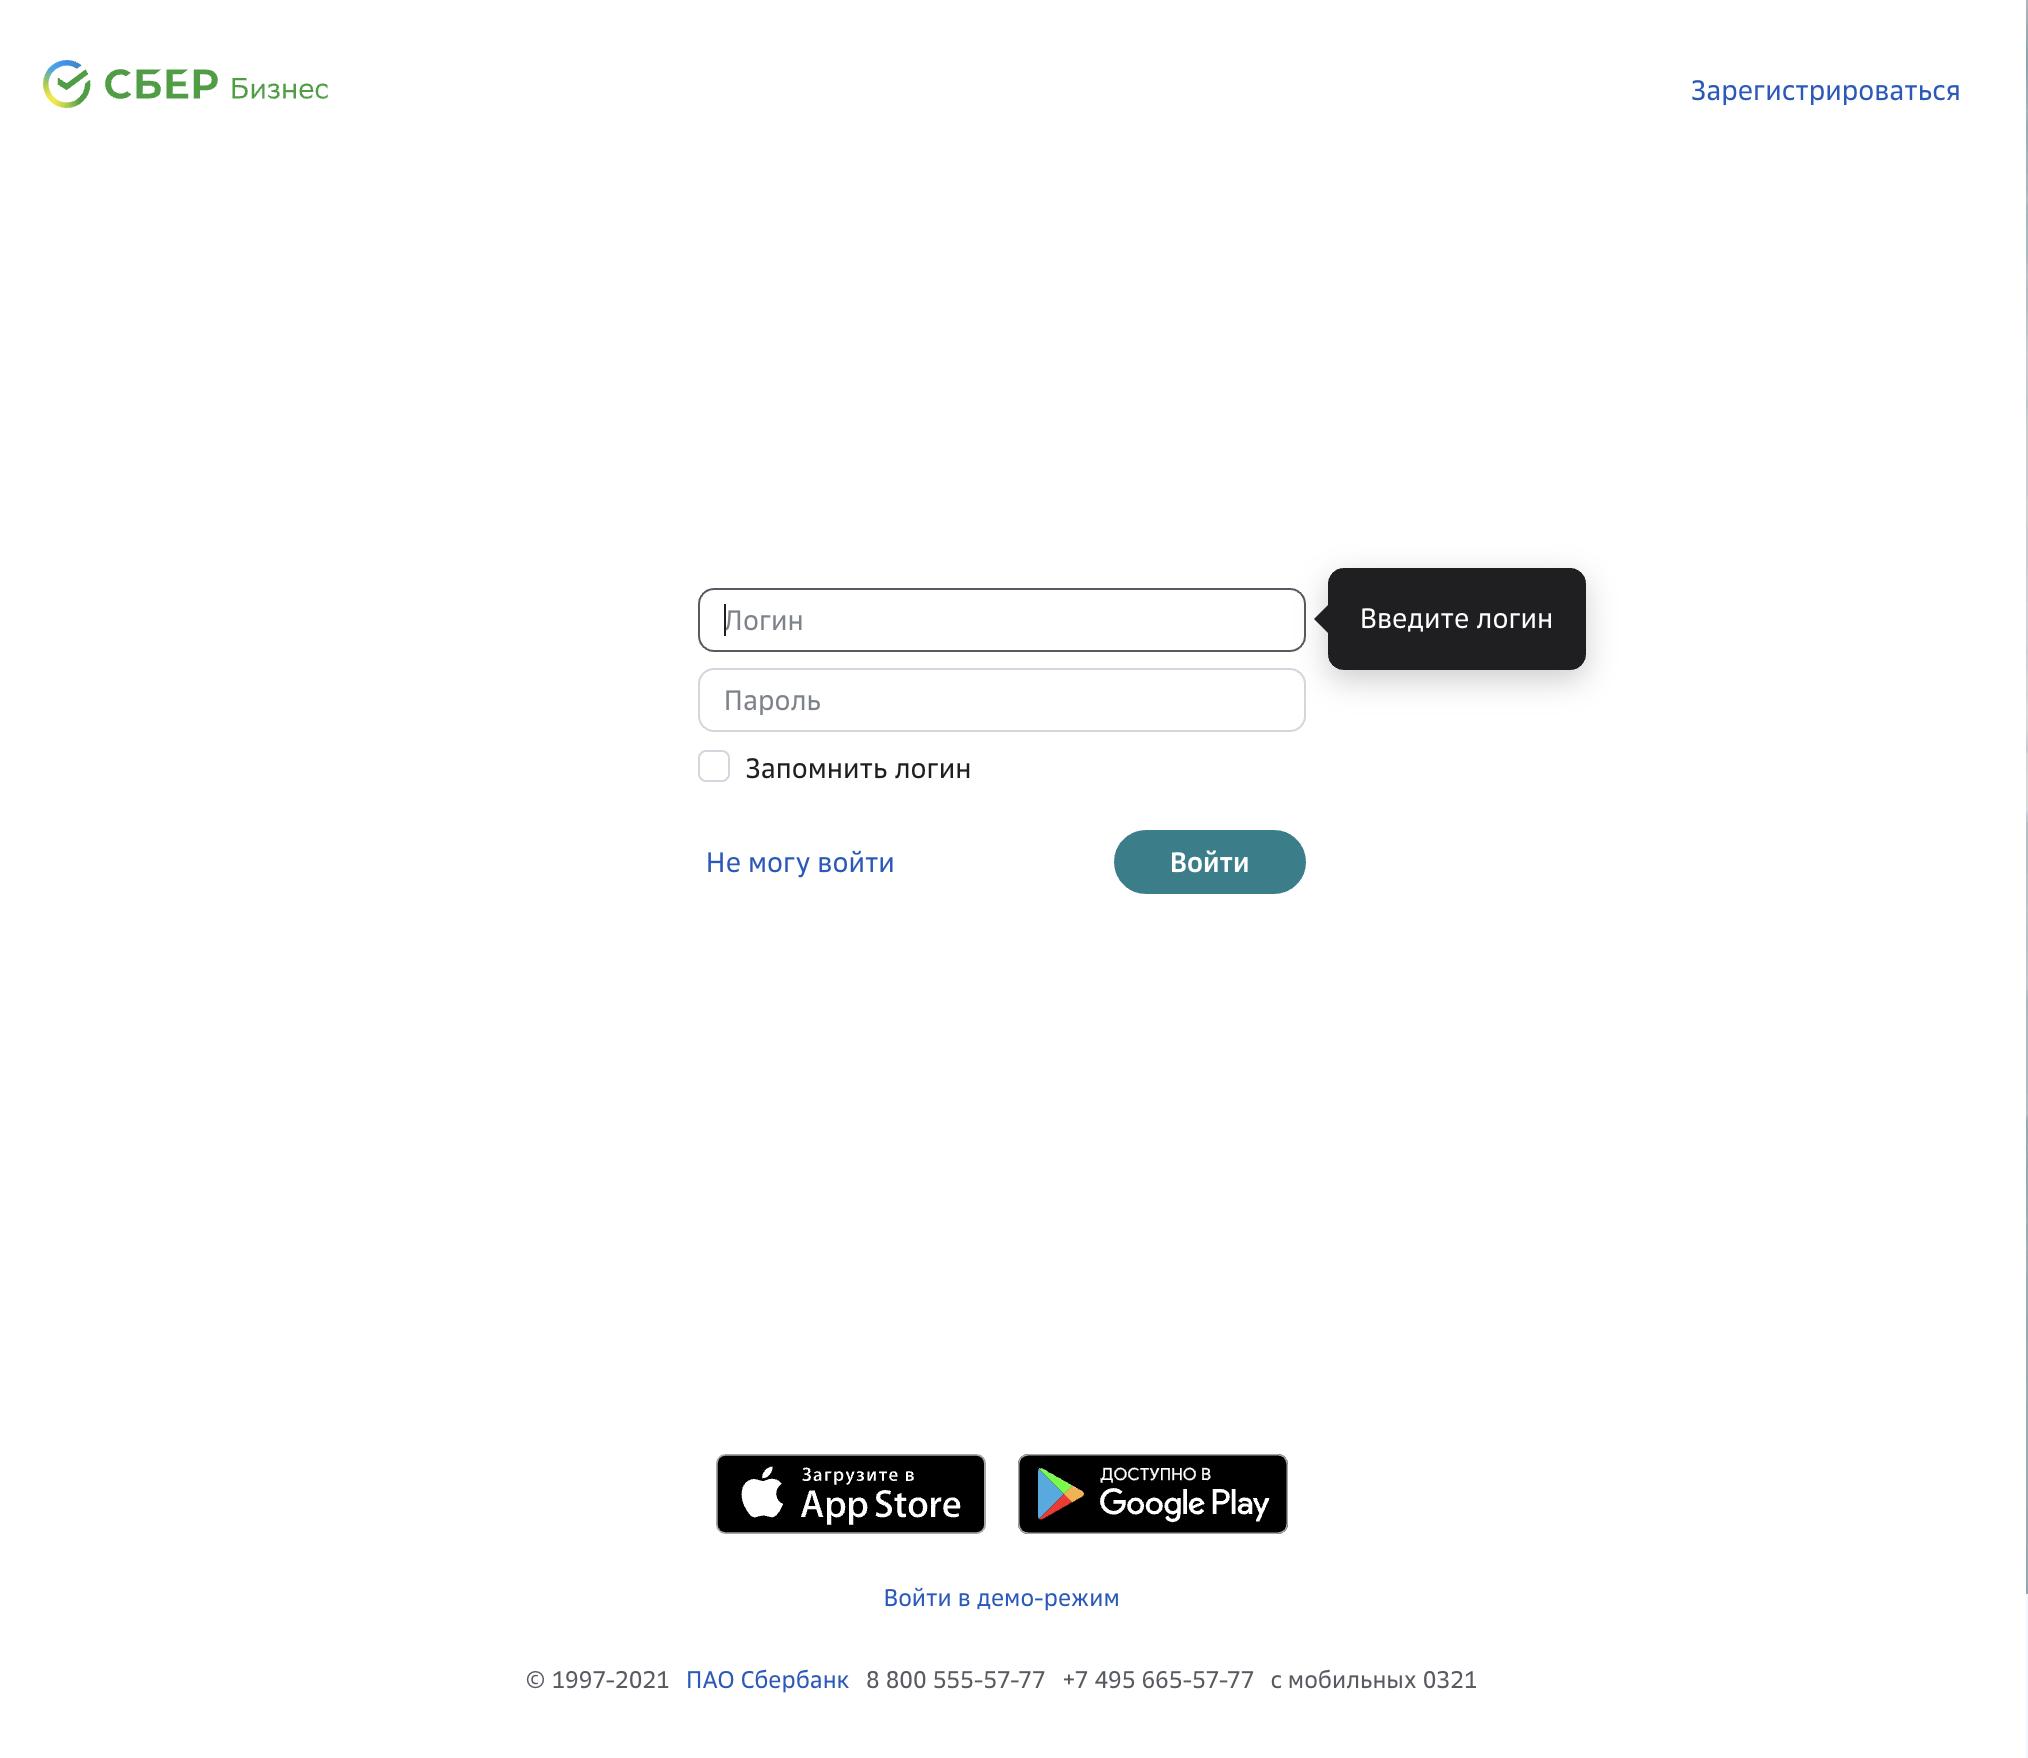 как посмотреть картотеку в сбербанк бизнес онлайн - вход в личный кабинет